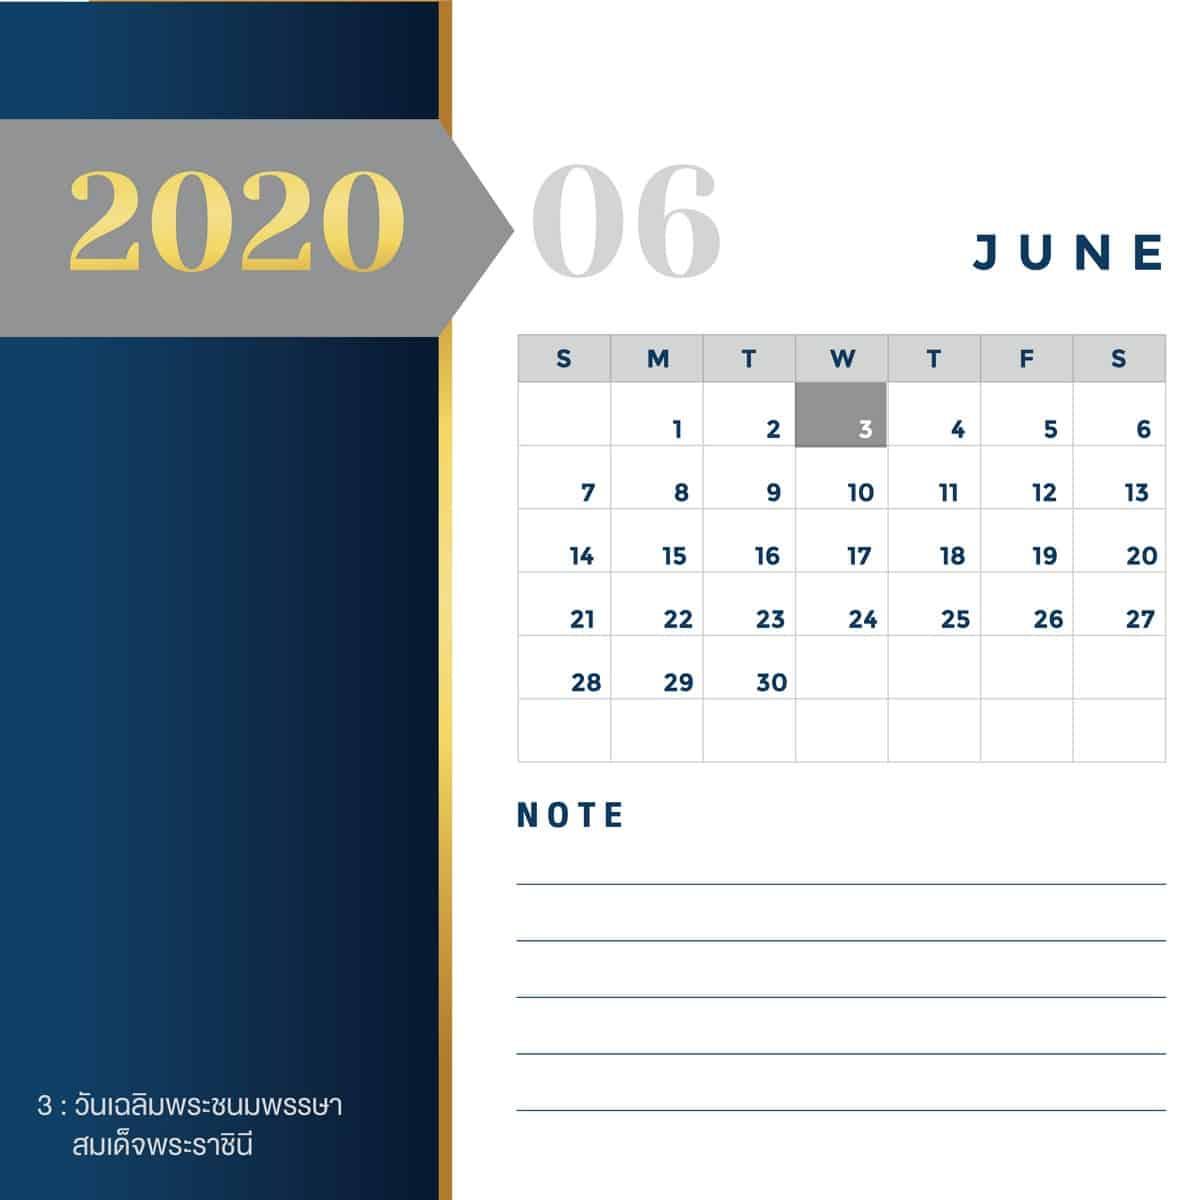 Calendar Miw Services 06 - แจกฟรี! ภาพปฏิทิน 2563 ครบ 12 เดือน พร้อมวันหยุดราชการไทย (PNG, PDF)